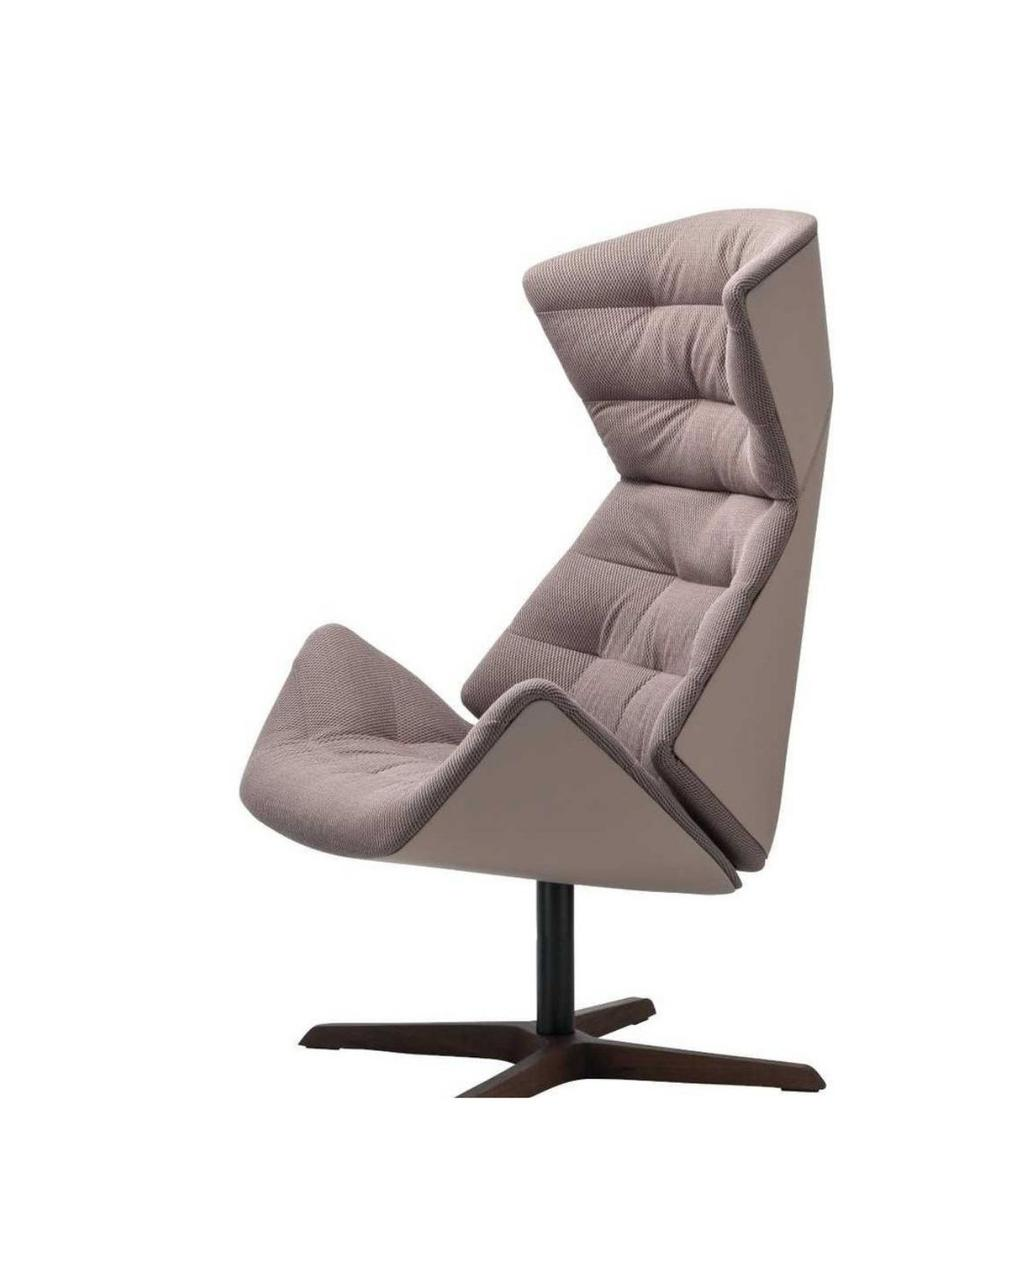 De mooiste fauteuils voor lekkere luie avonden